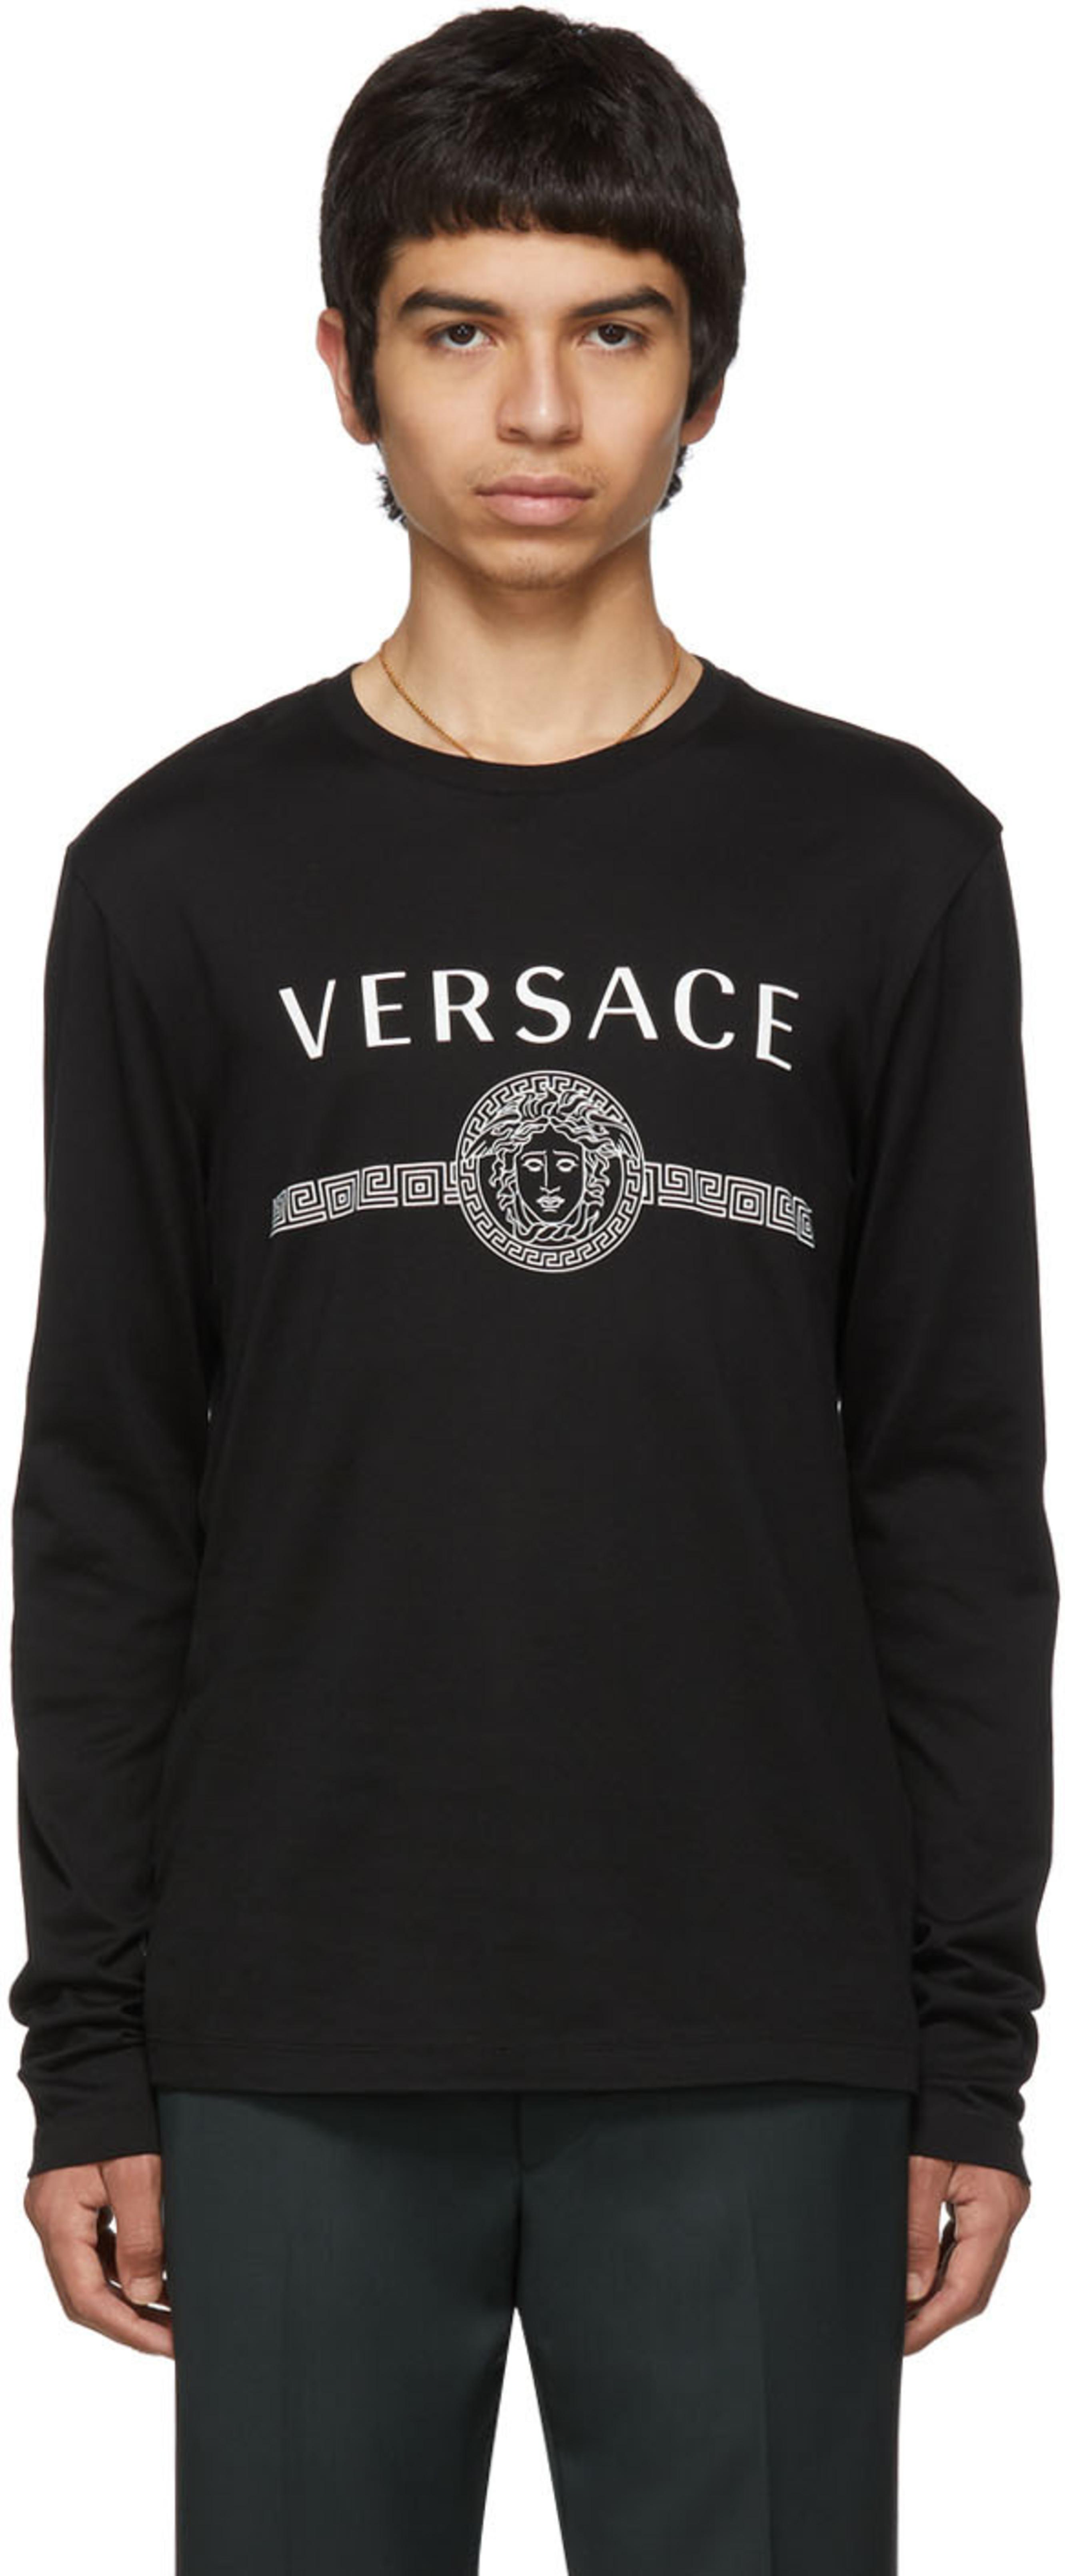 9bfa8a62 Versace for Men SS19 Collection | SSENSE Canada